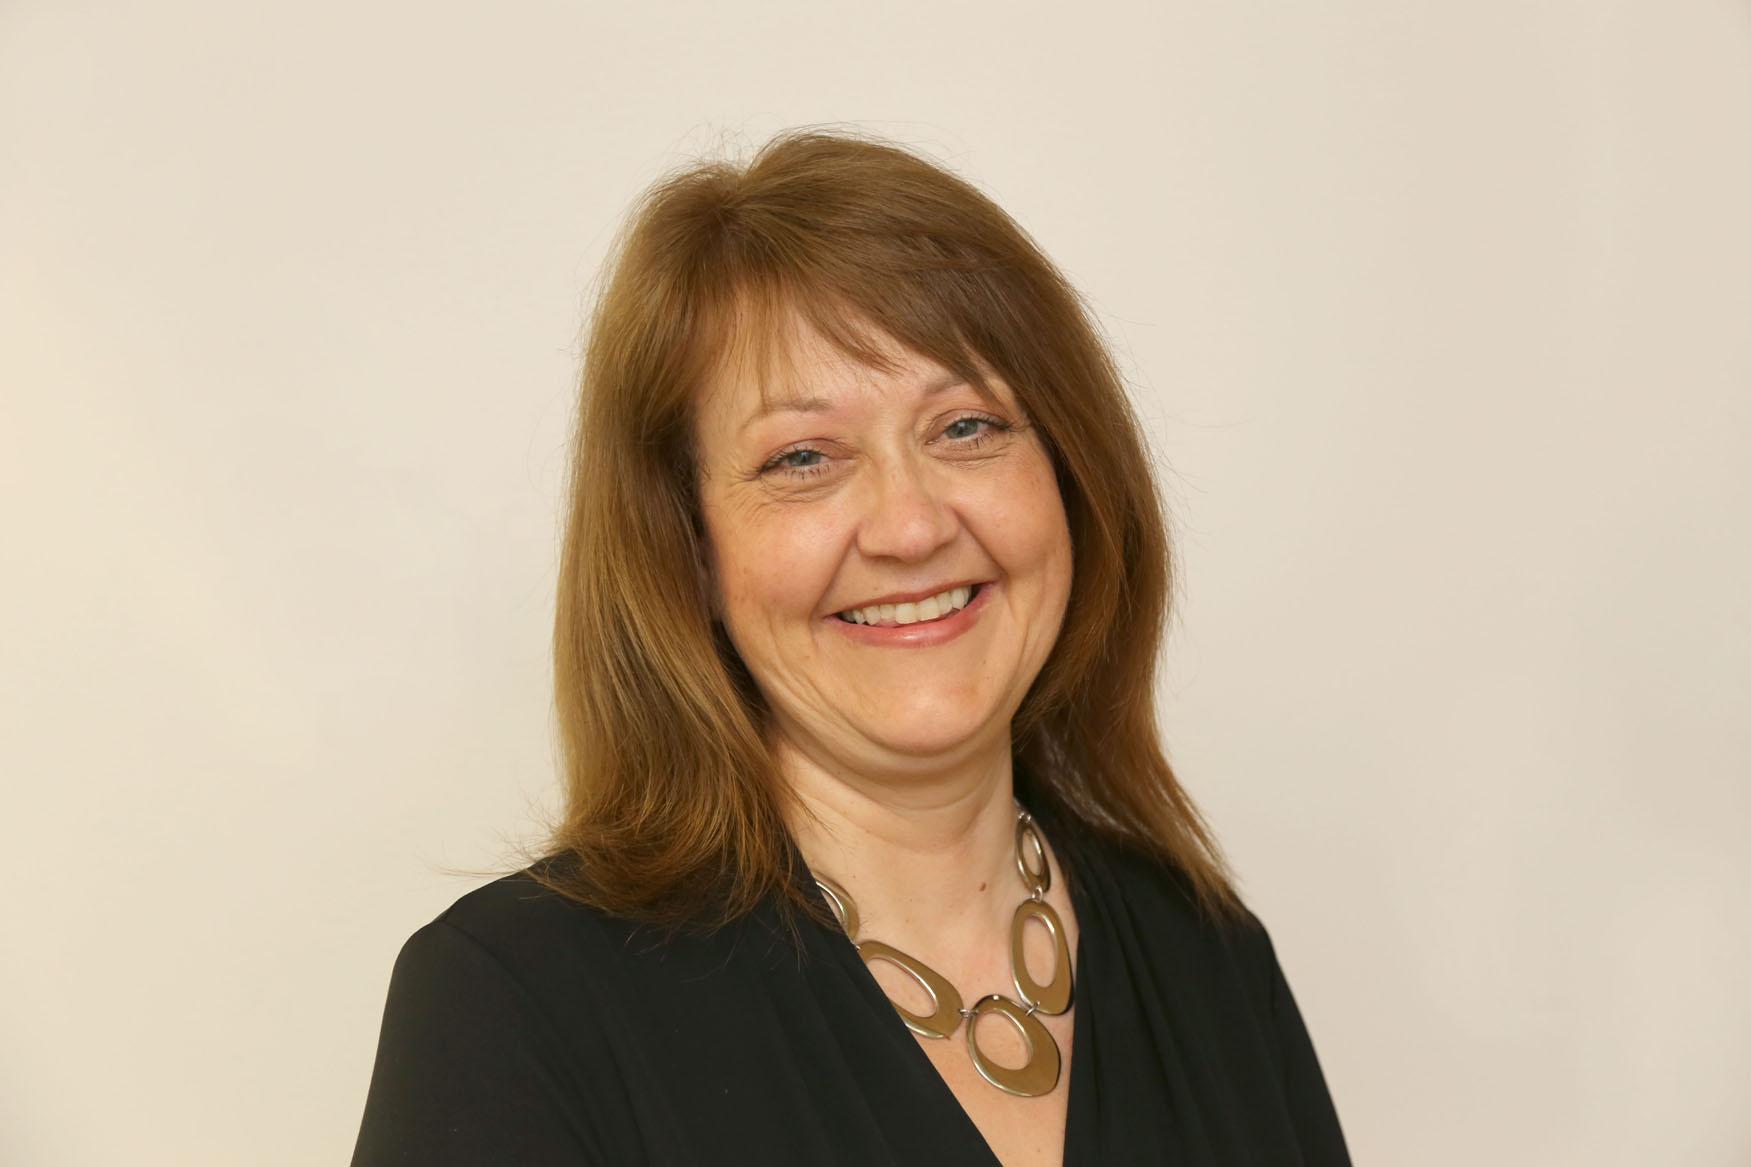 Sally Cheshire